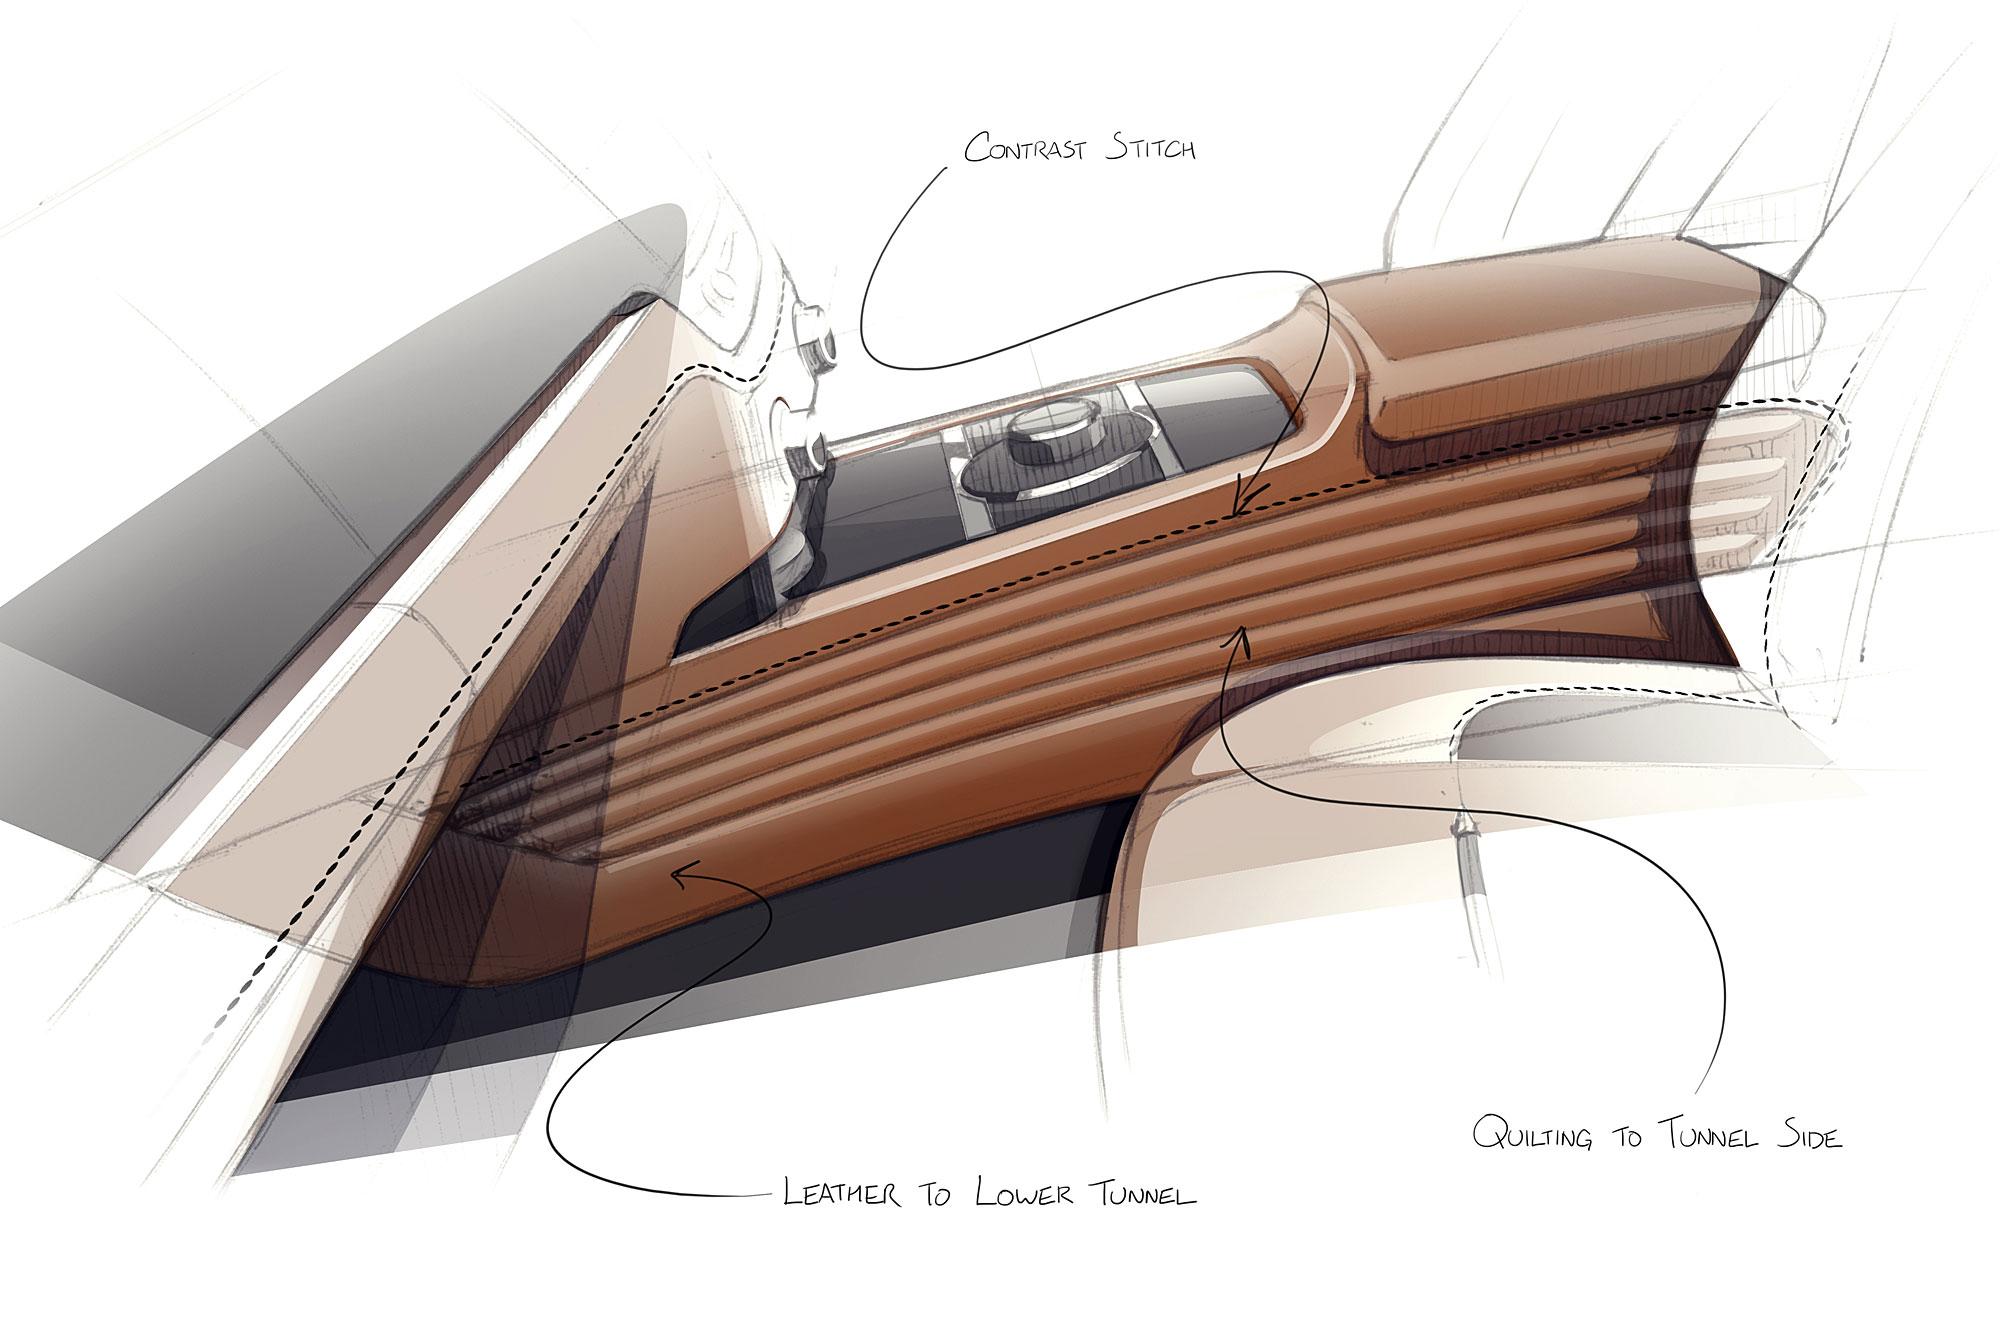 車內將懷舊復古與現代科技相互融合。